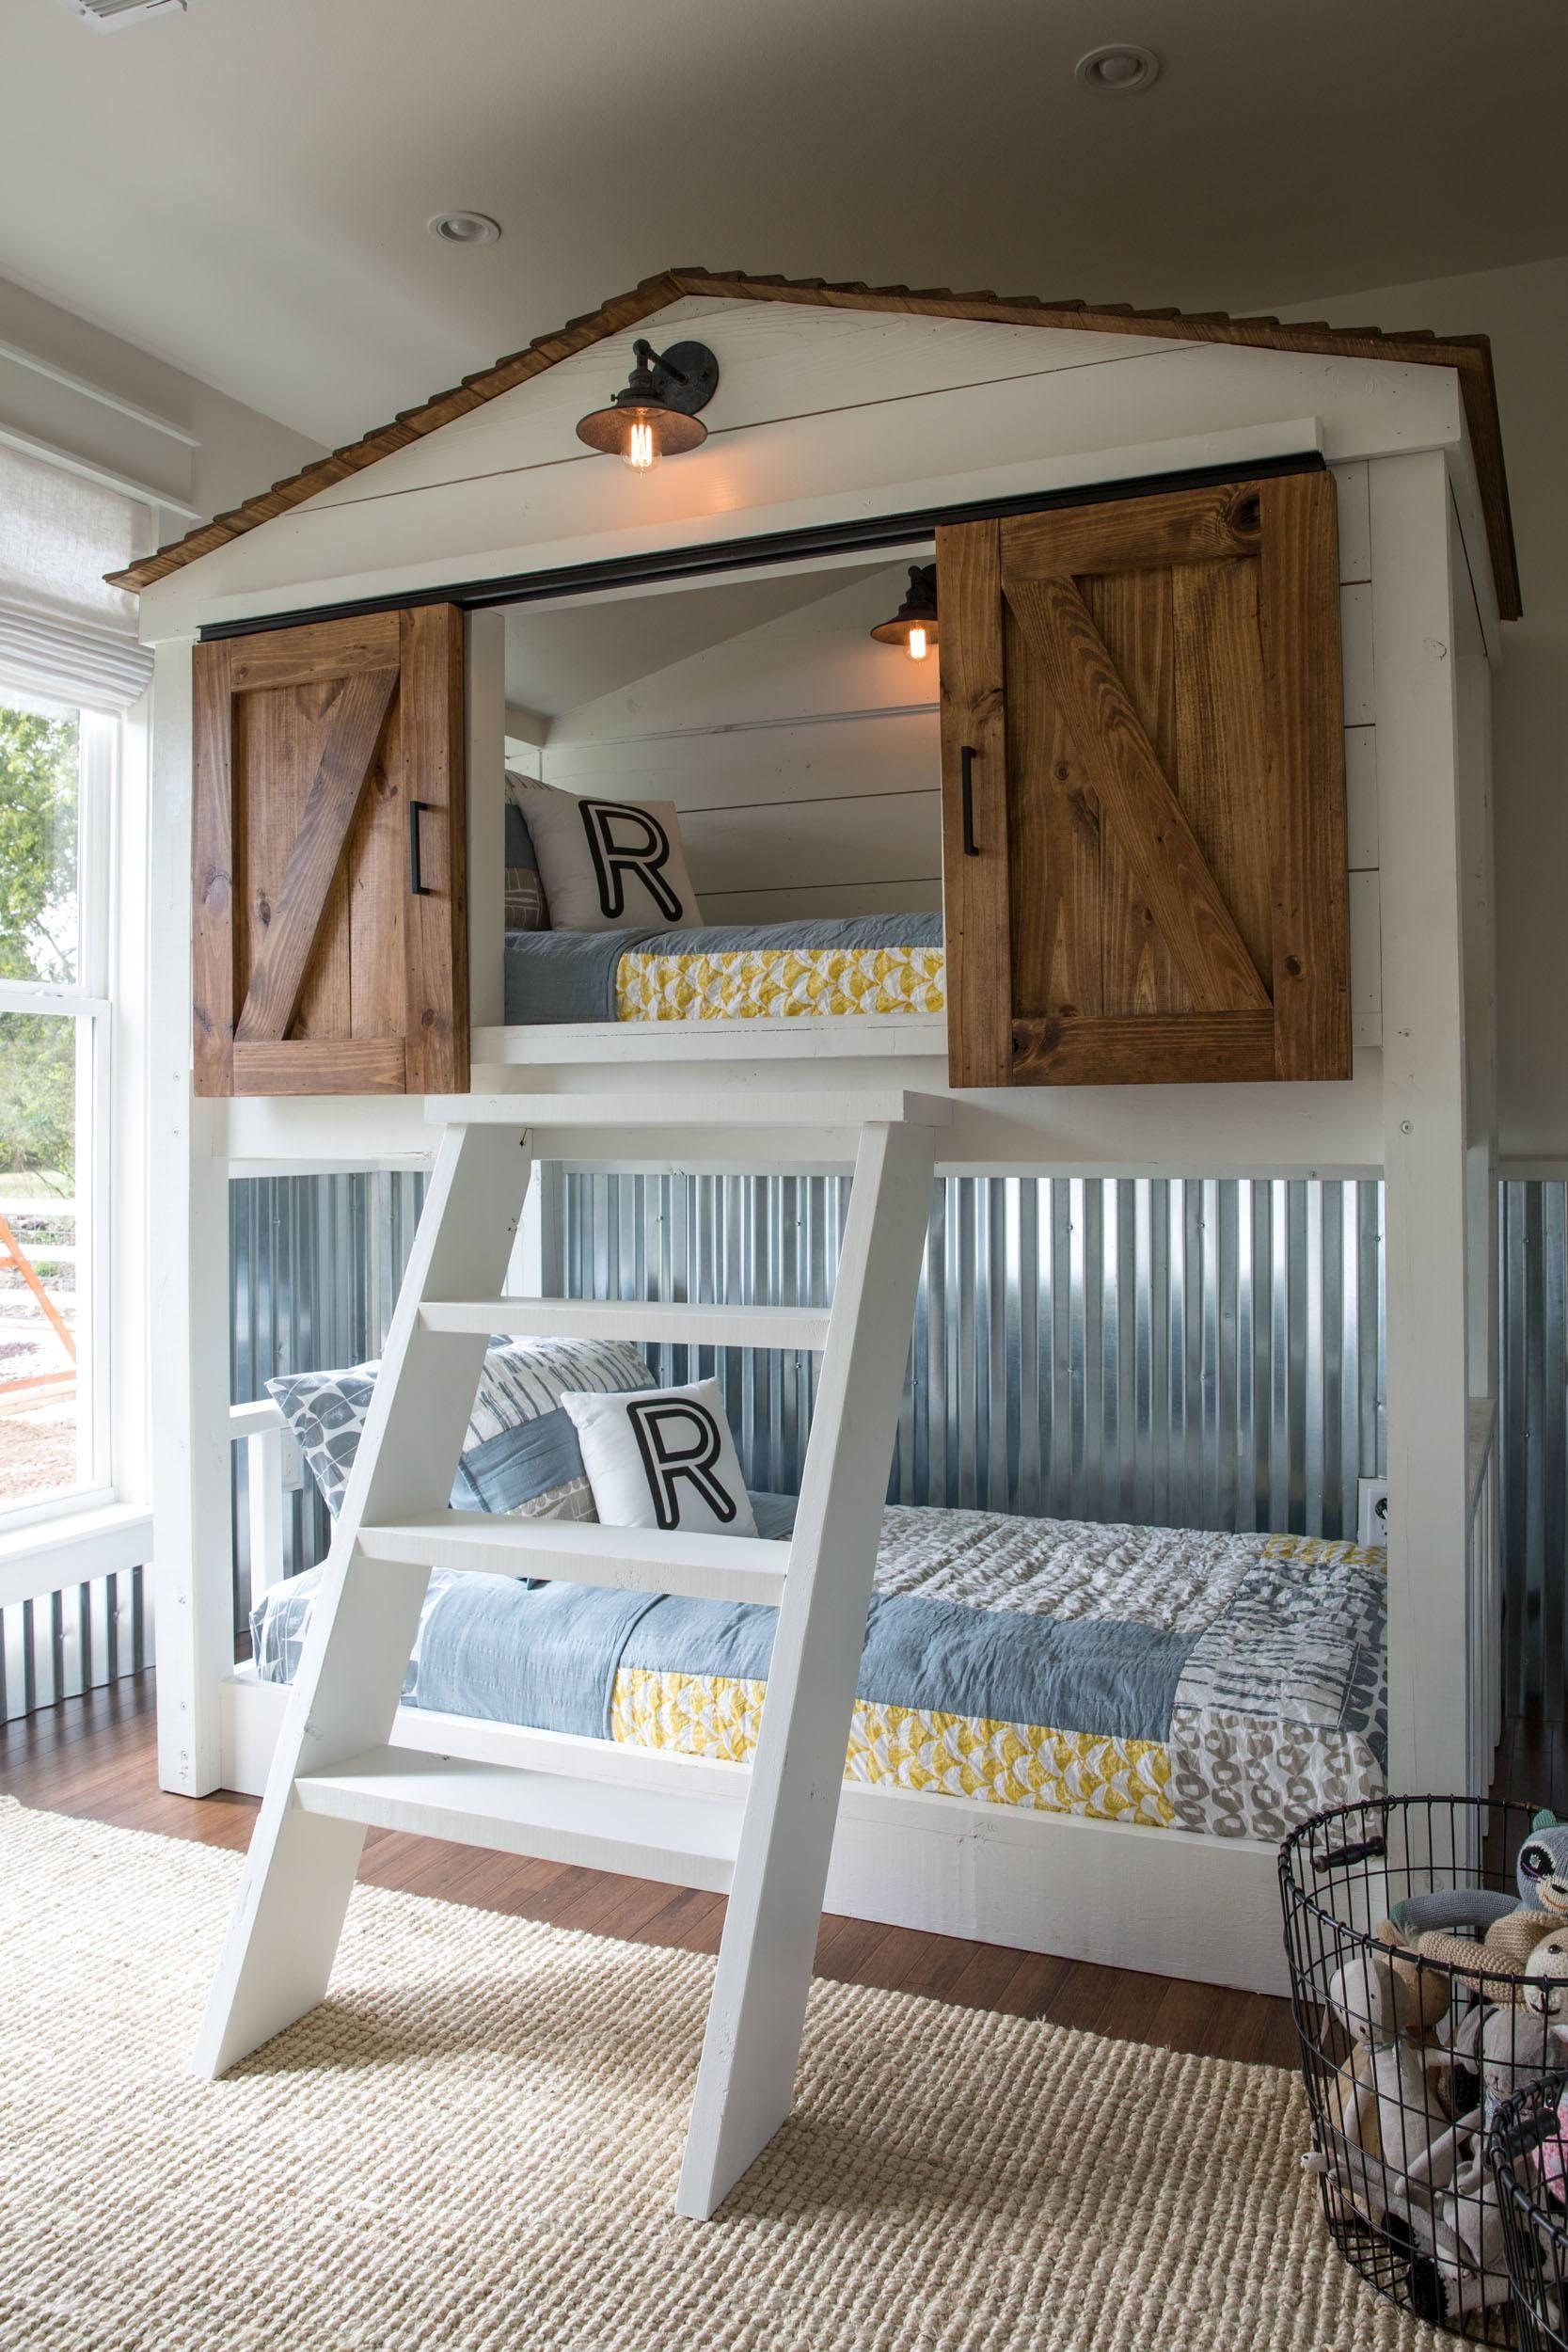 Unique Baby Boy Room Ideas: Bunk Bed Designs, Bunk Bed Rooms, Cool Beds